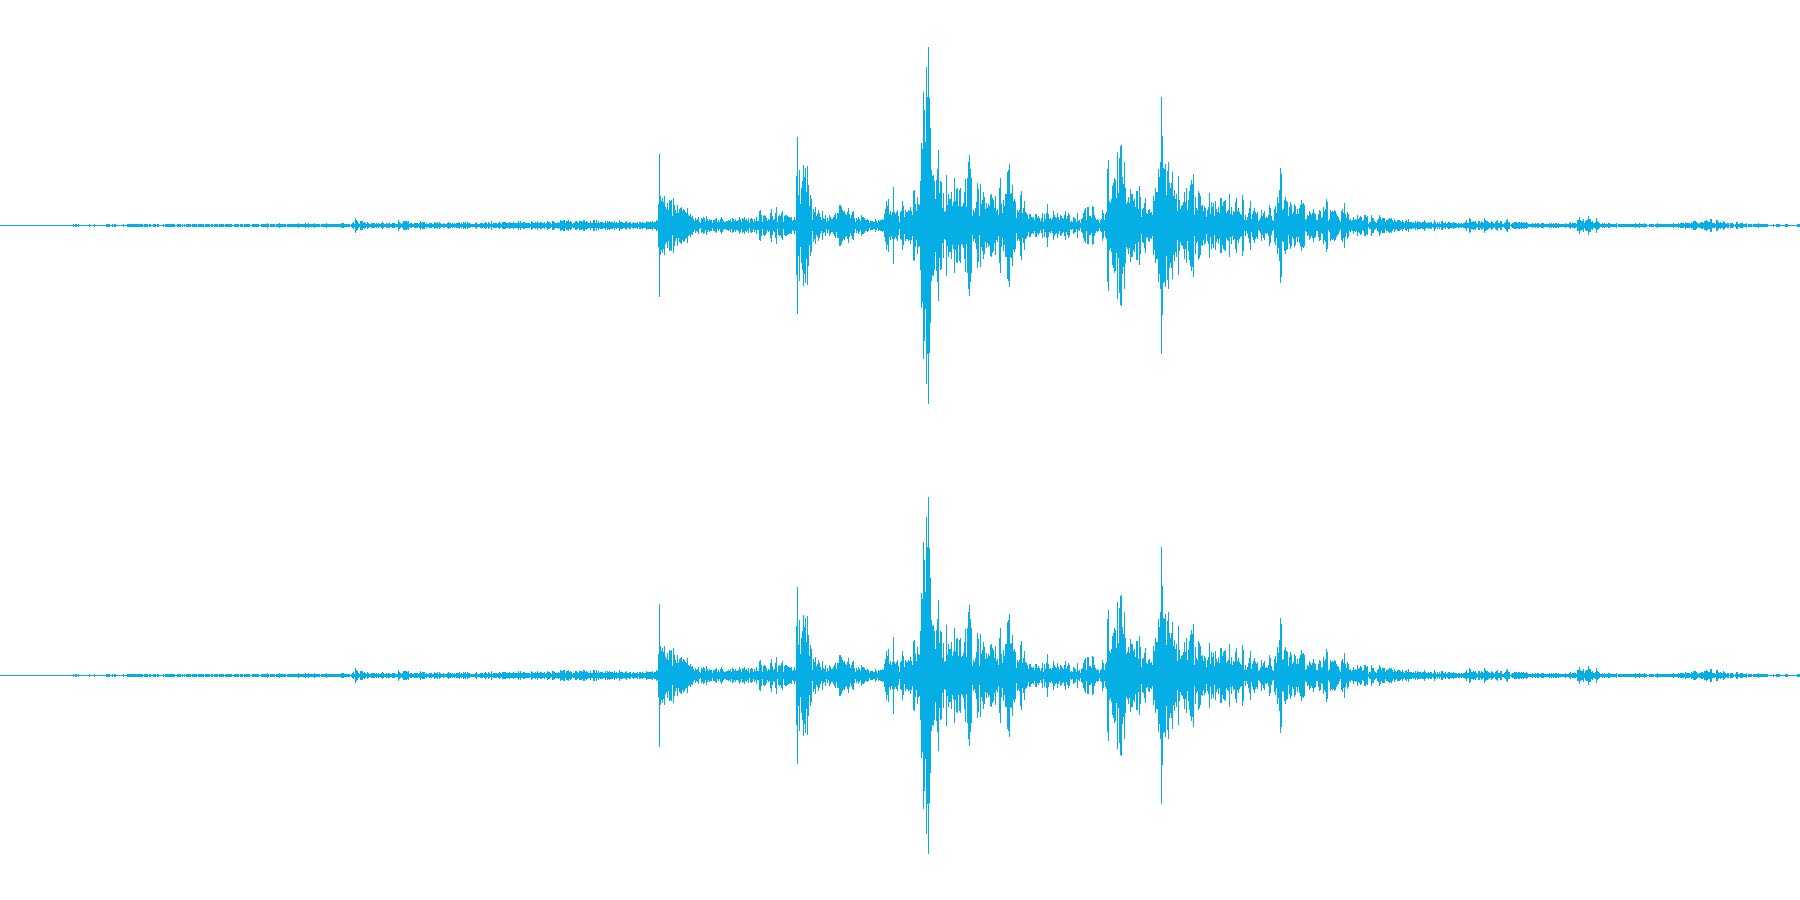 [紙]紙をめくる音2(すばやく)の再生済みの波形